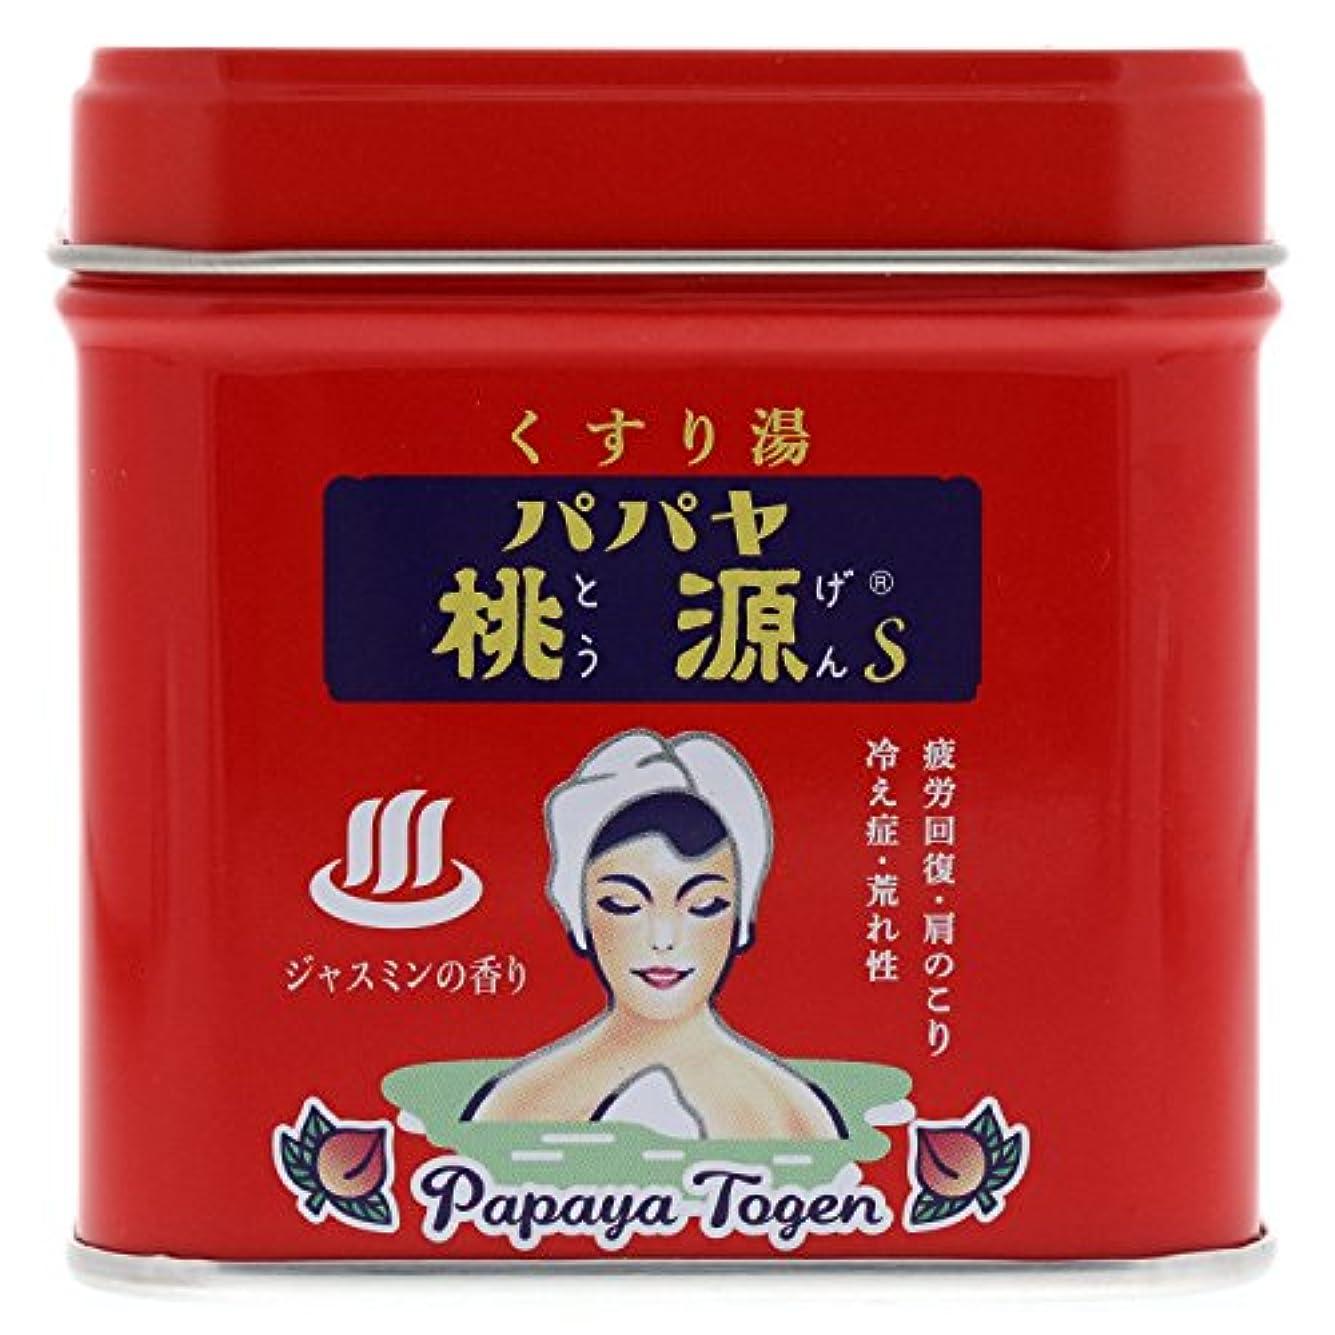 見る王位内訳パパヤ桃源S70g缶 ジャスミンの香り [医薬部外品]